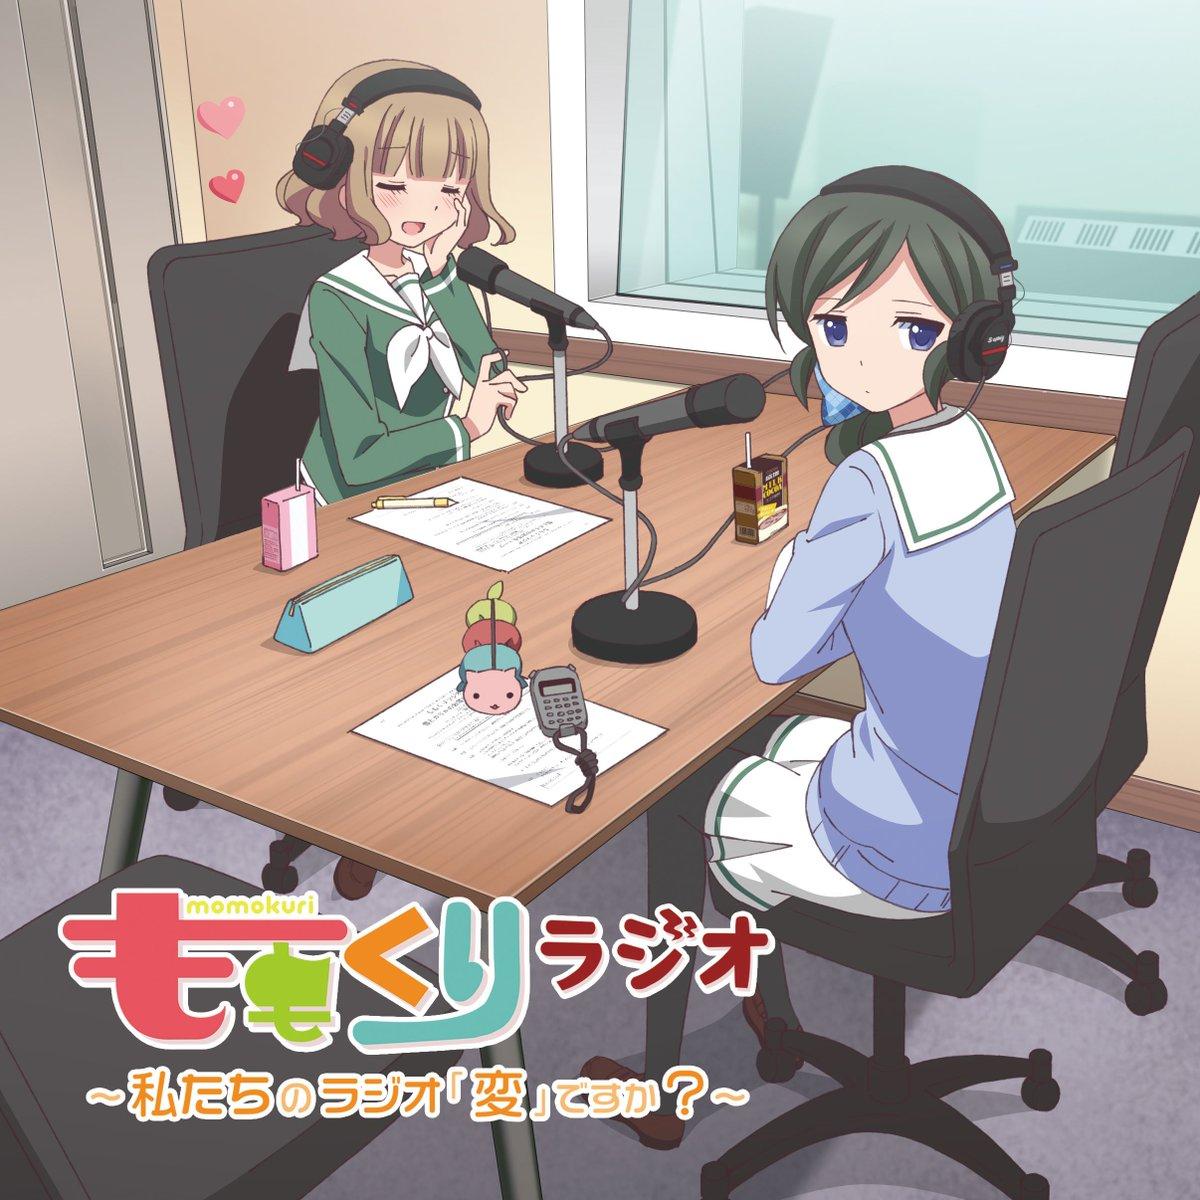 【本日発売】ラジオCD「ももくりラジオ~私たちのラジオ『変』ですか?~」が本日1/25発売です!第1回~第14回までのア